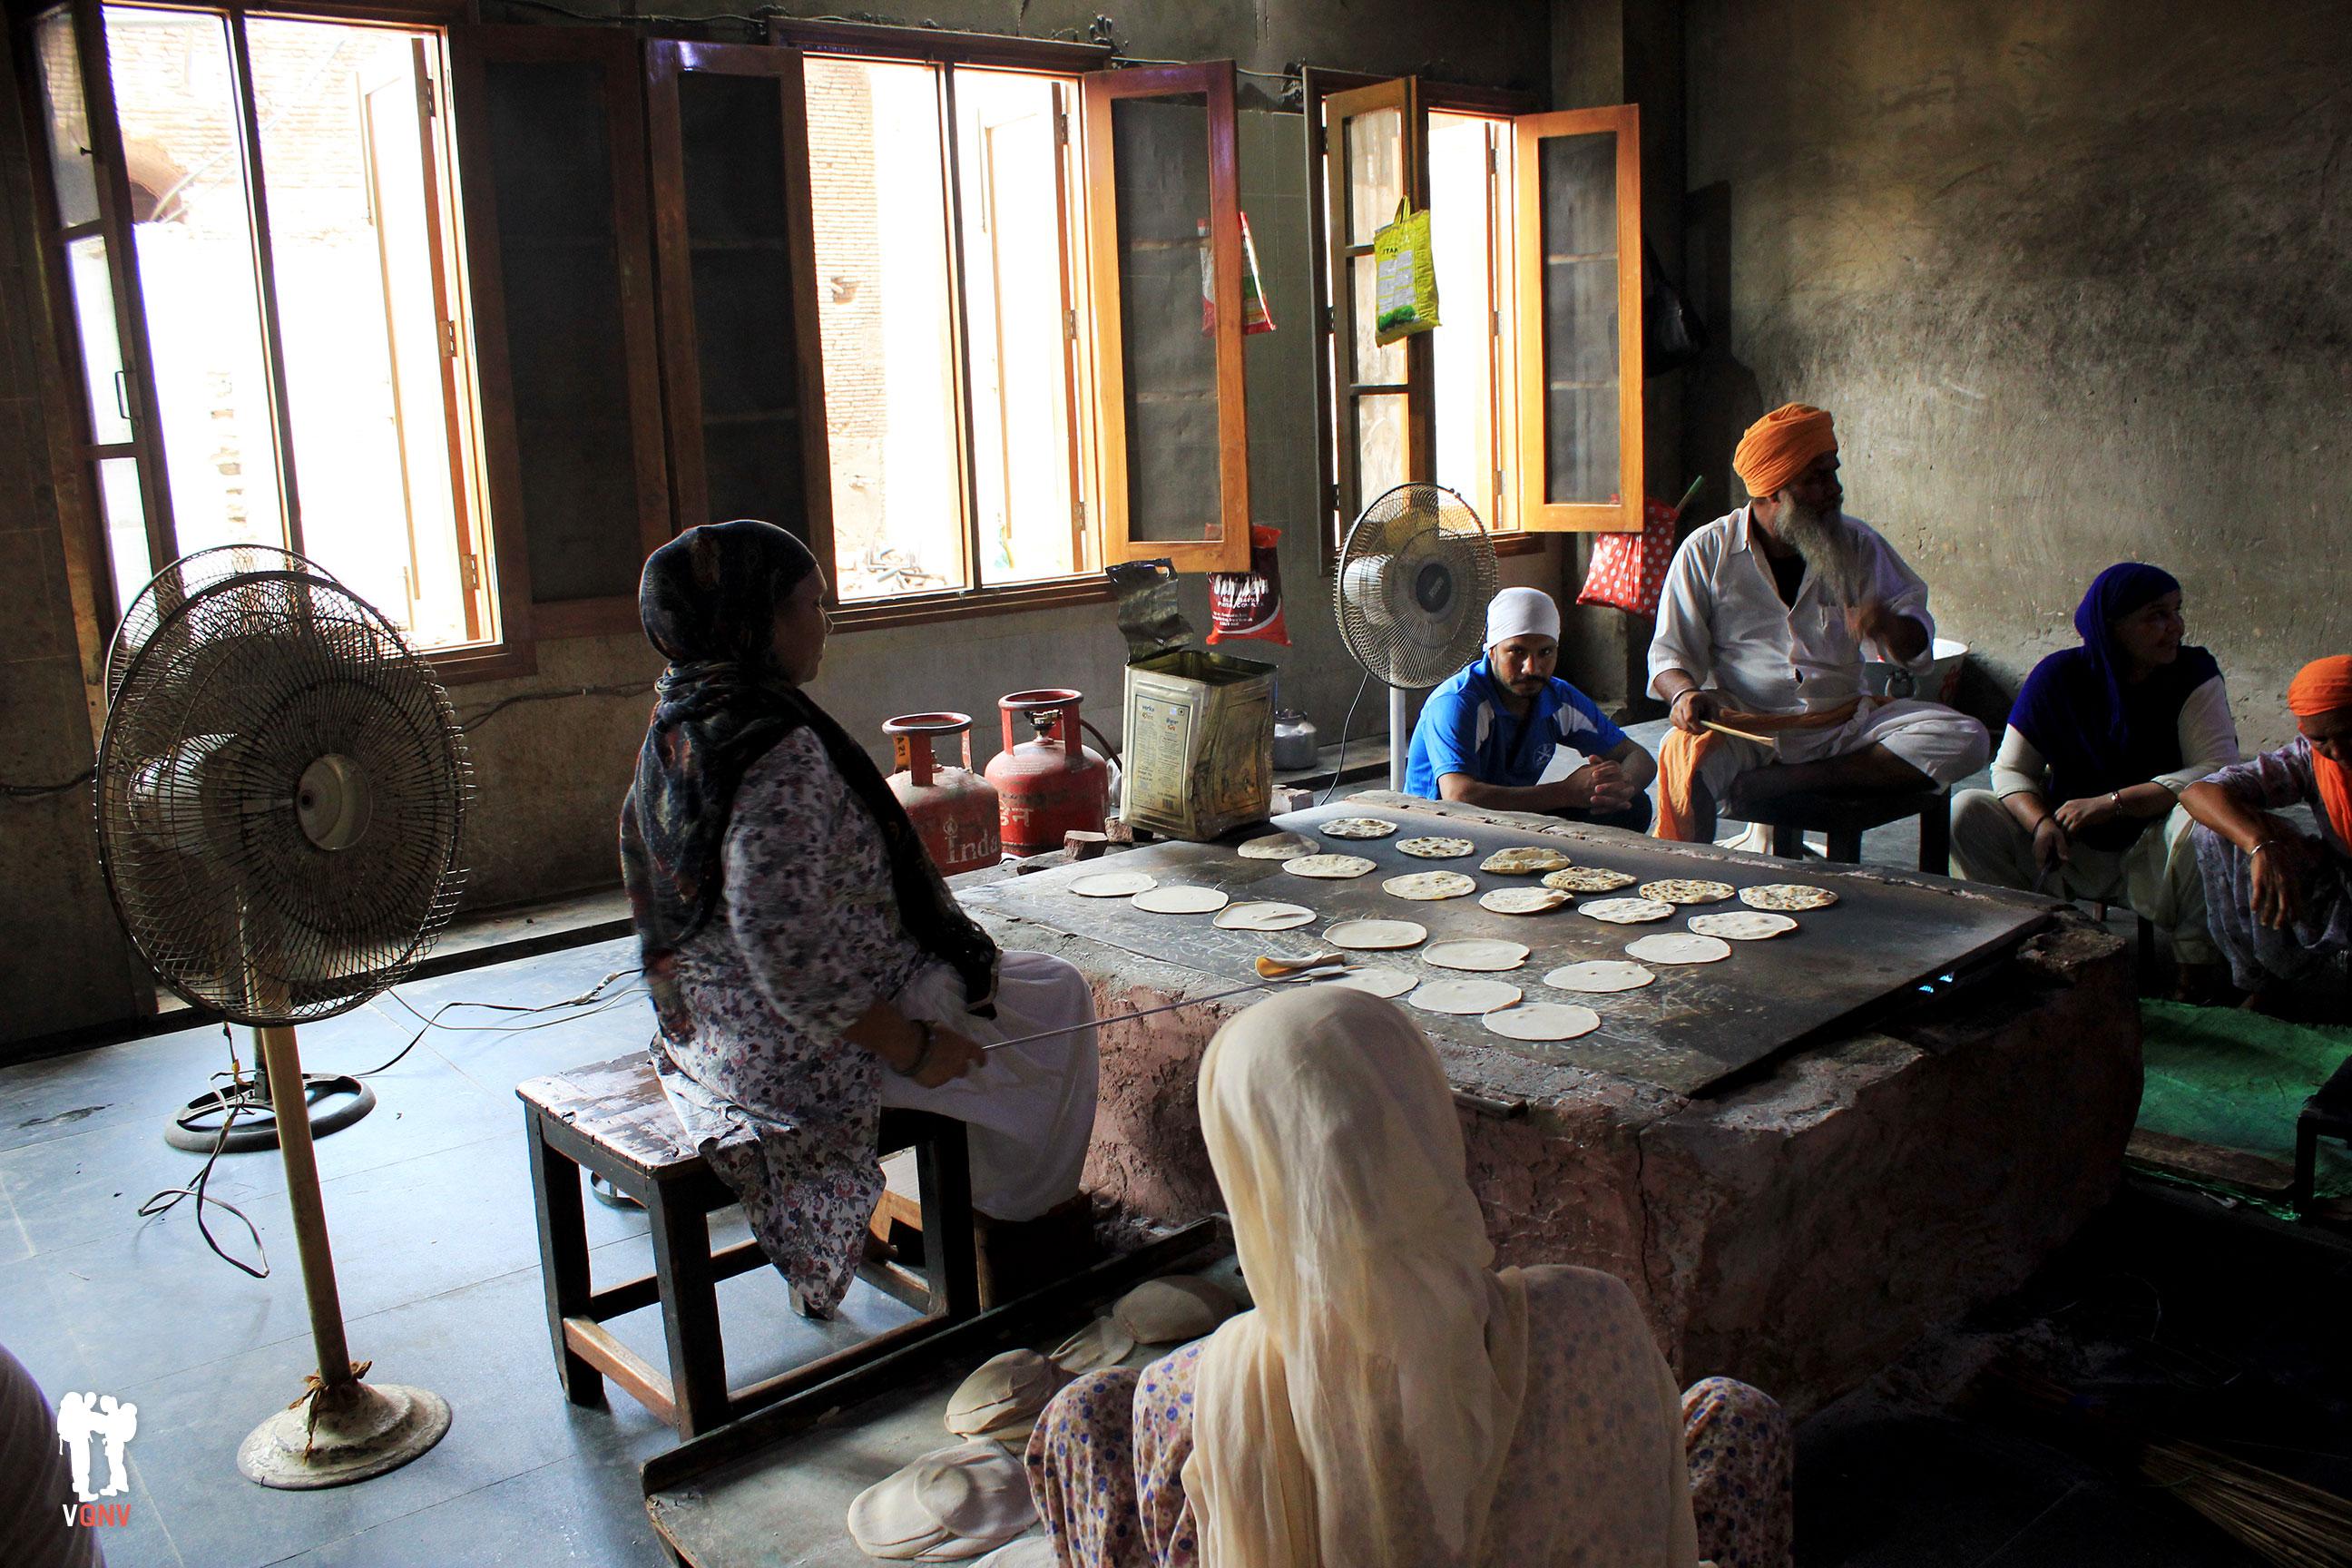 Voluntarios al lado del fuego preparando los chapatis